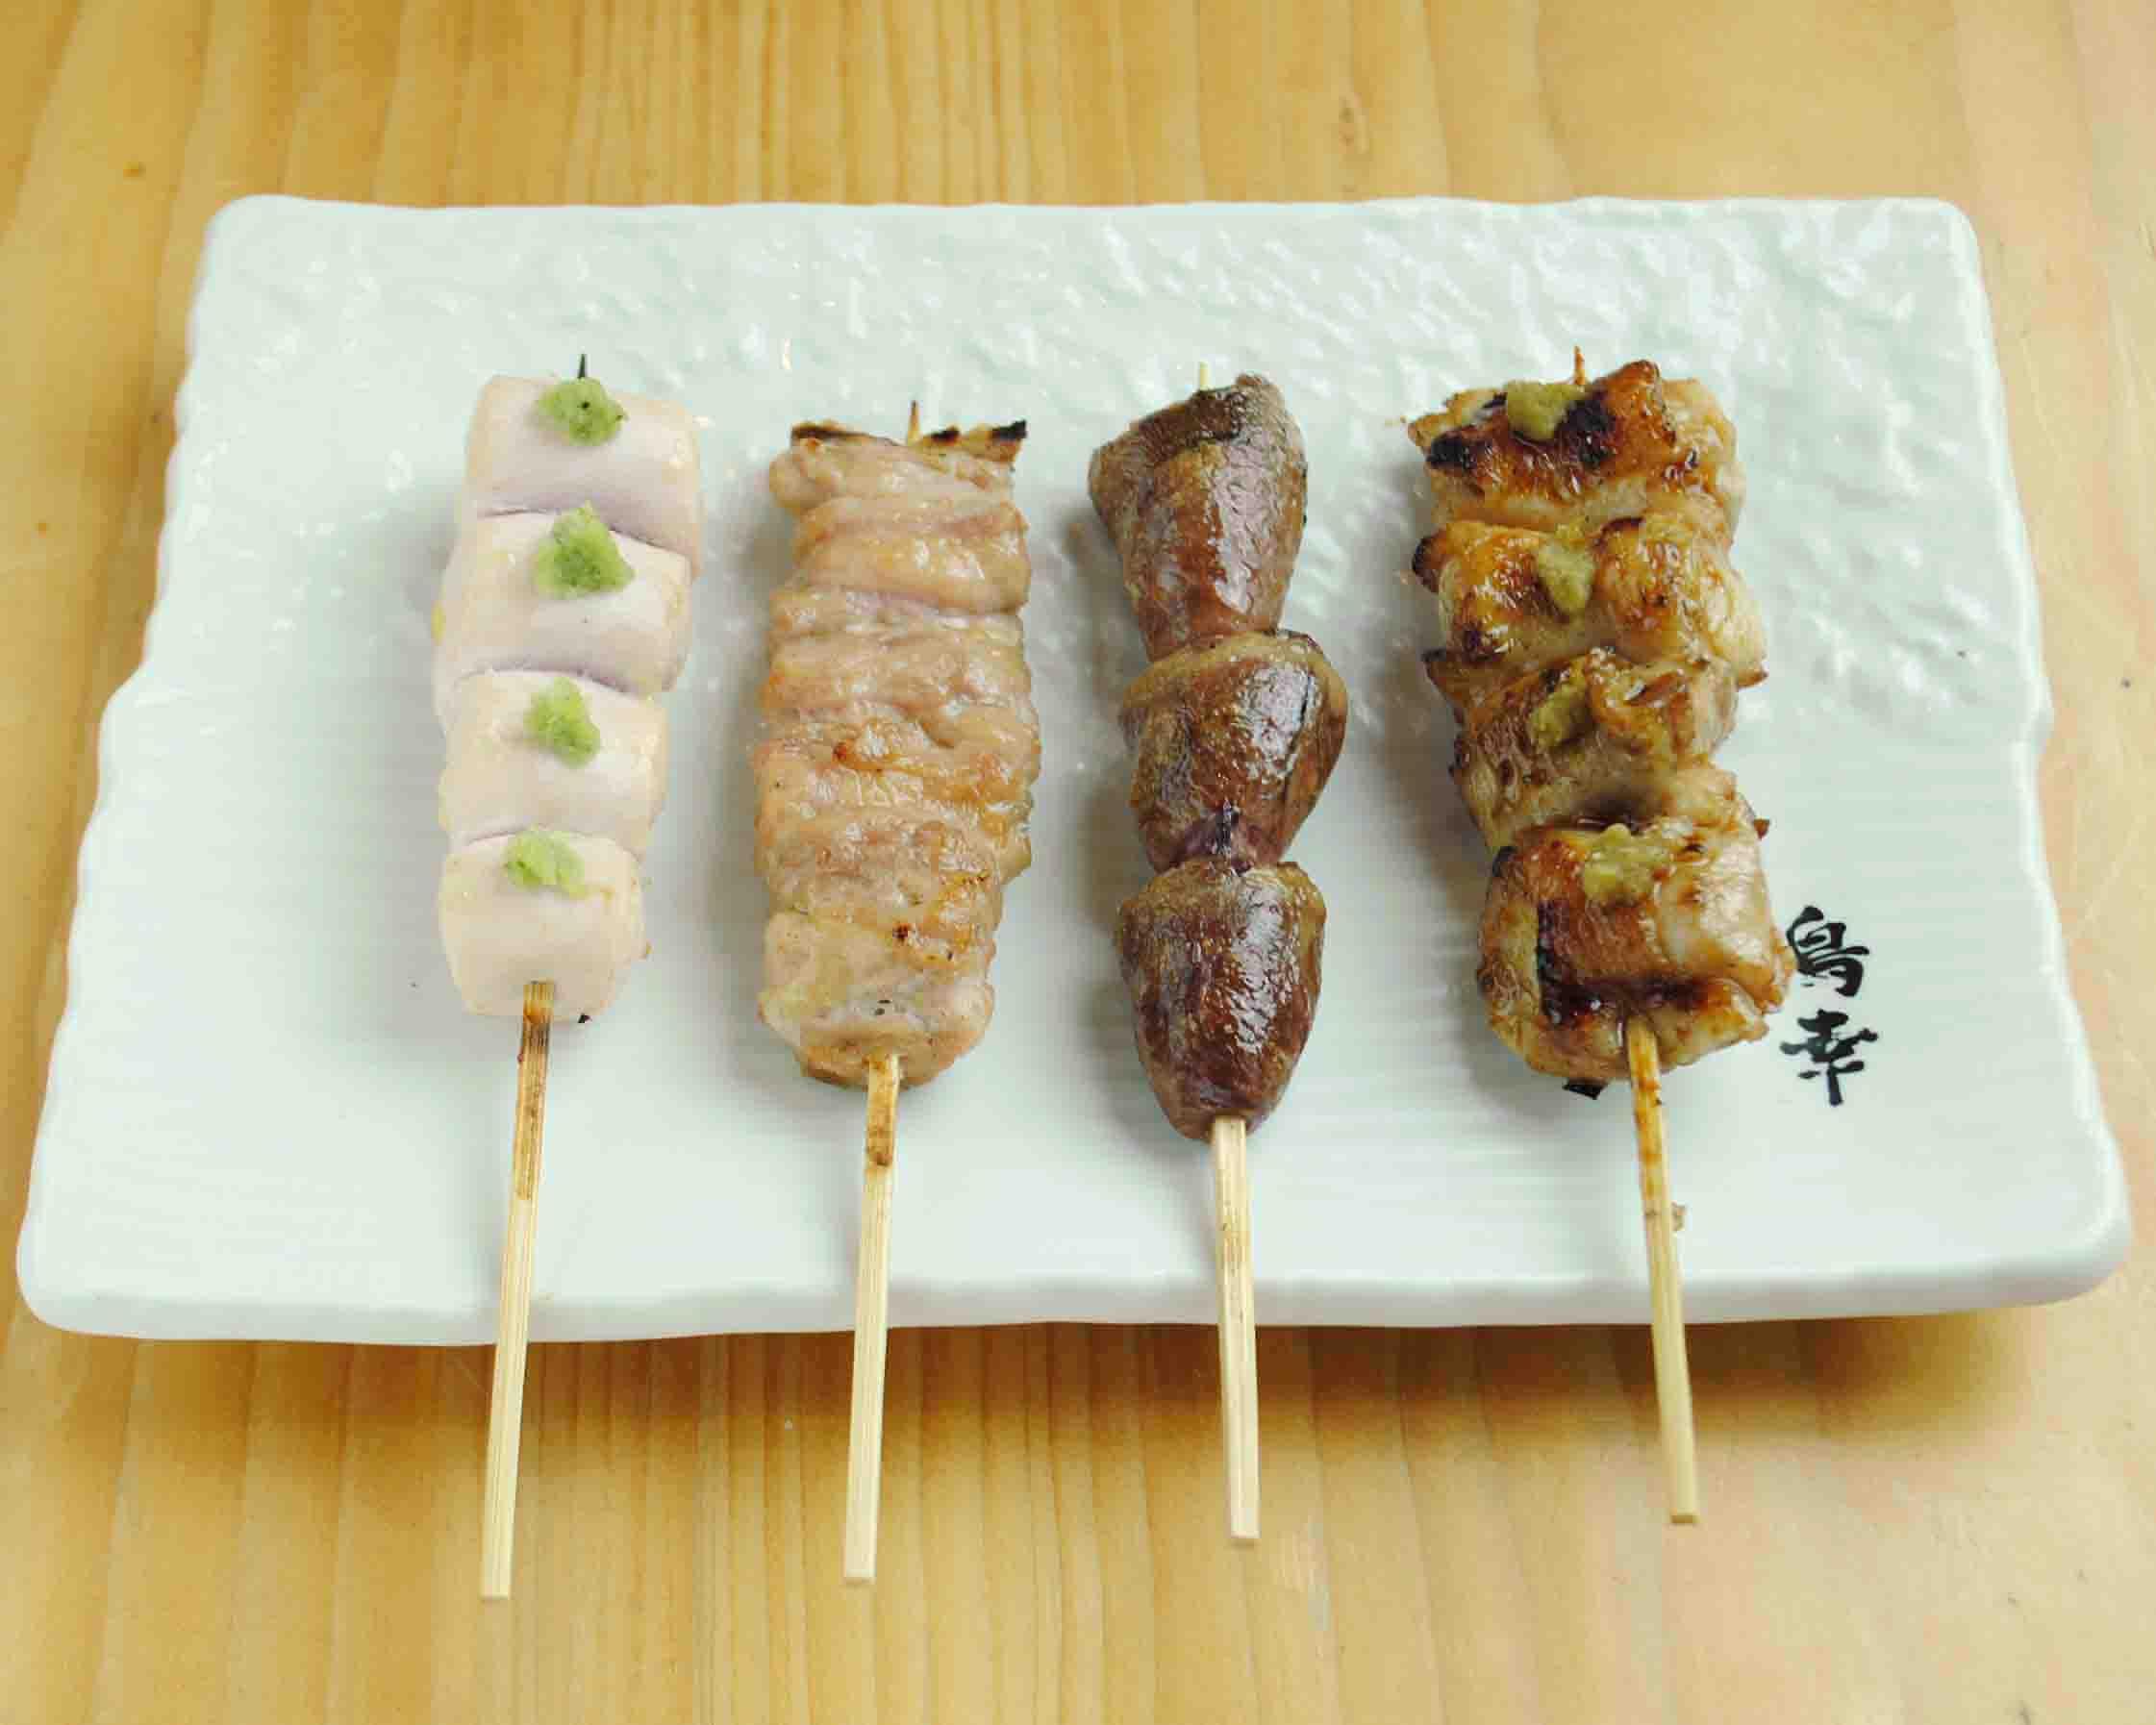 定食1100円(税抜)【特上親子丼以外の定食すべて】